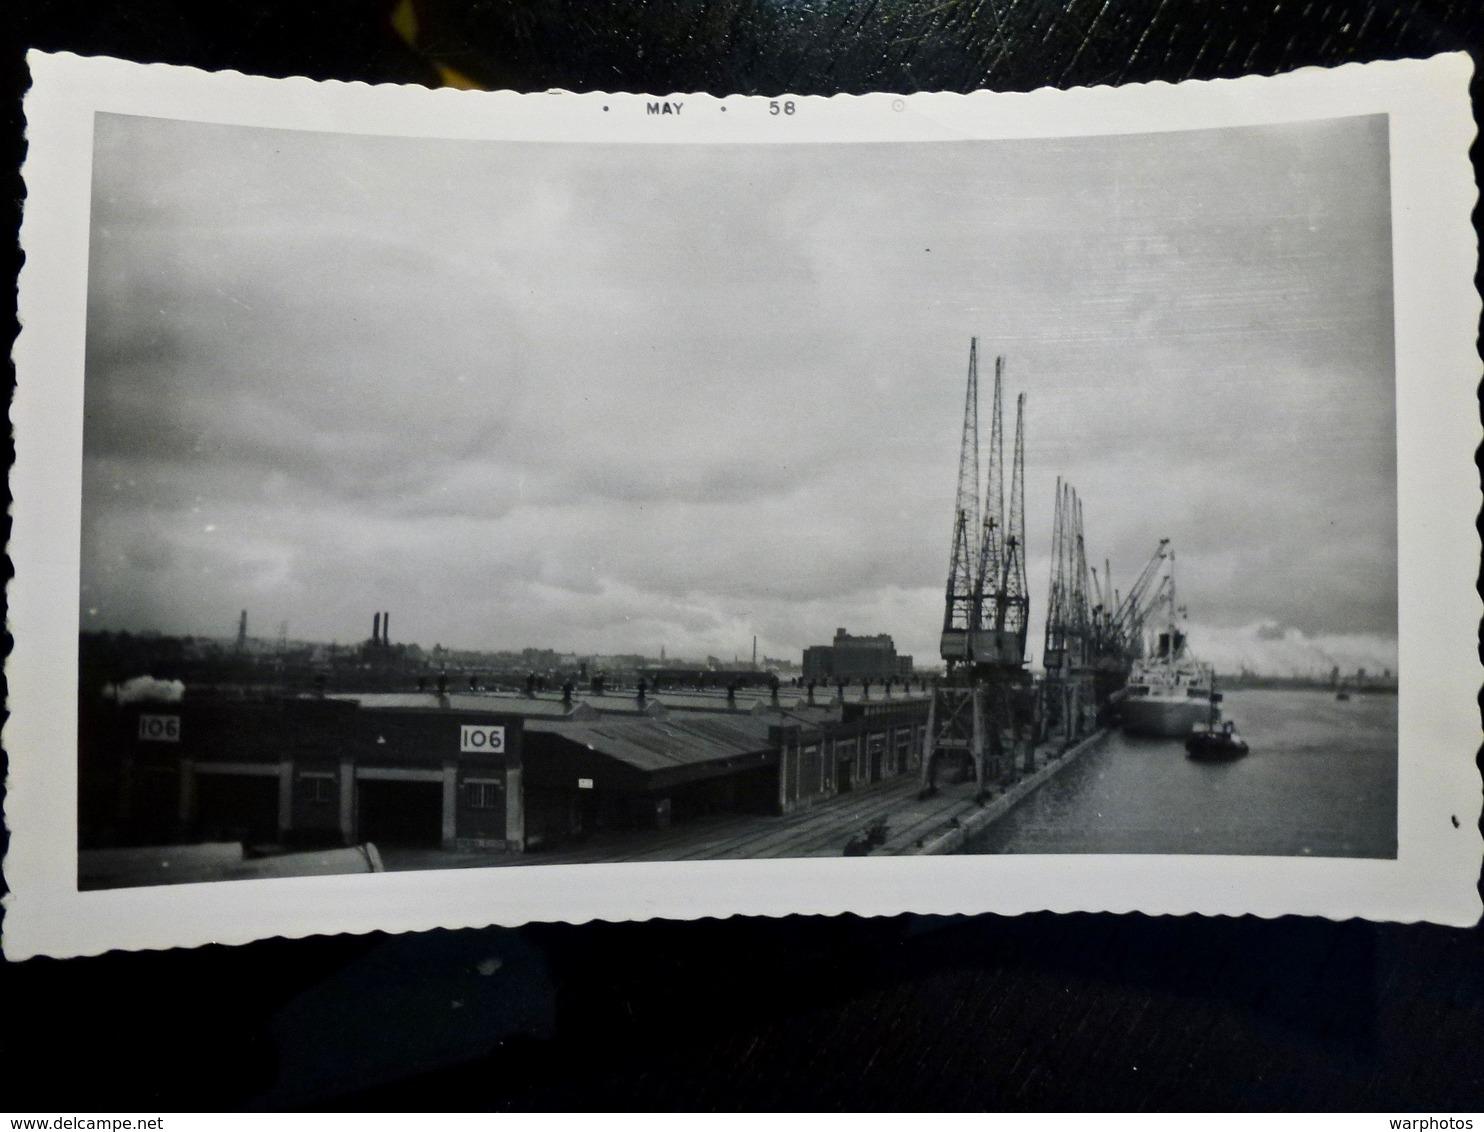 PHOTO ORIGINALE _ VINTAGE SNAPSHOT : DOCKS De SOUTHAMPTON _ ROYAUME UNI _ 1958 - Lieux